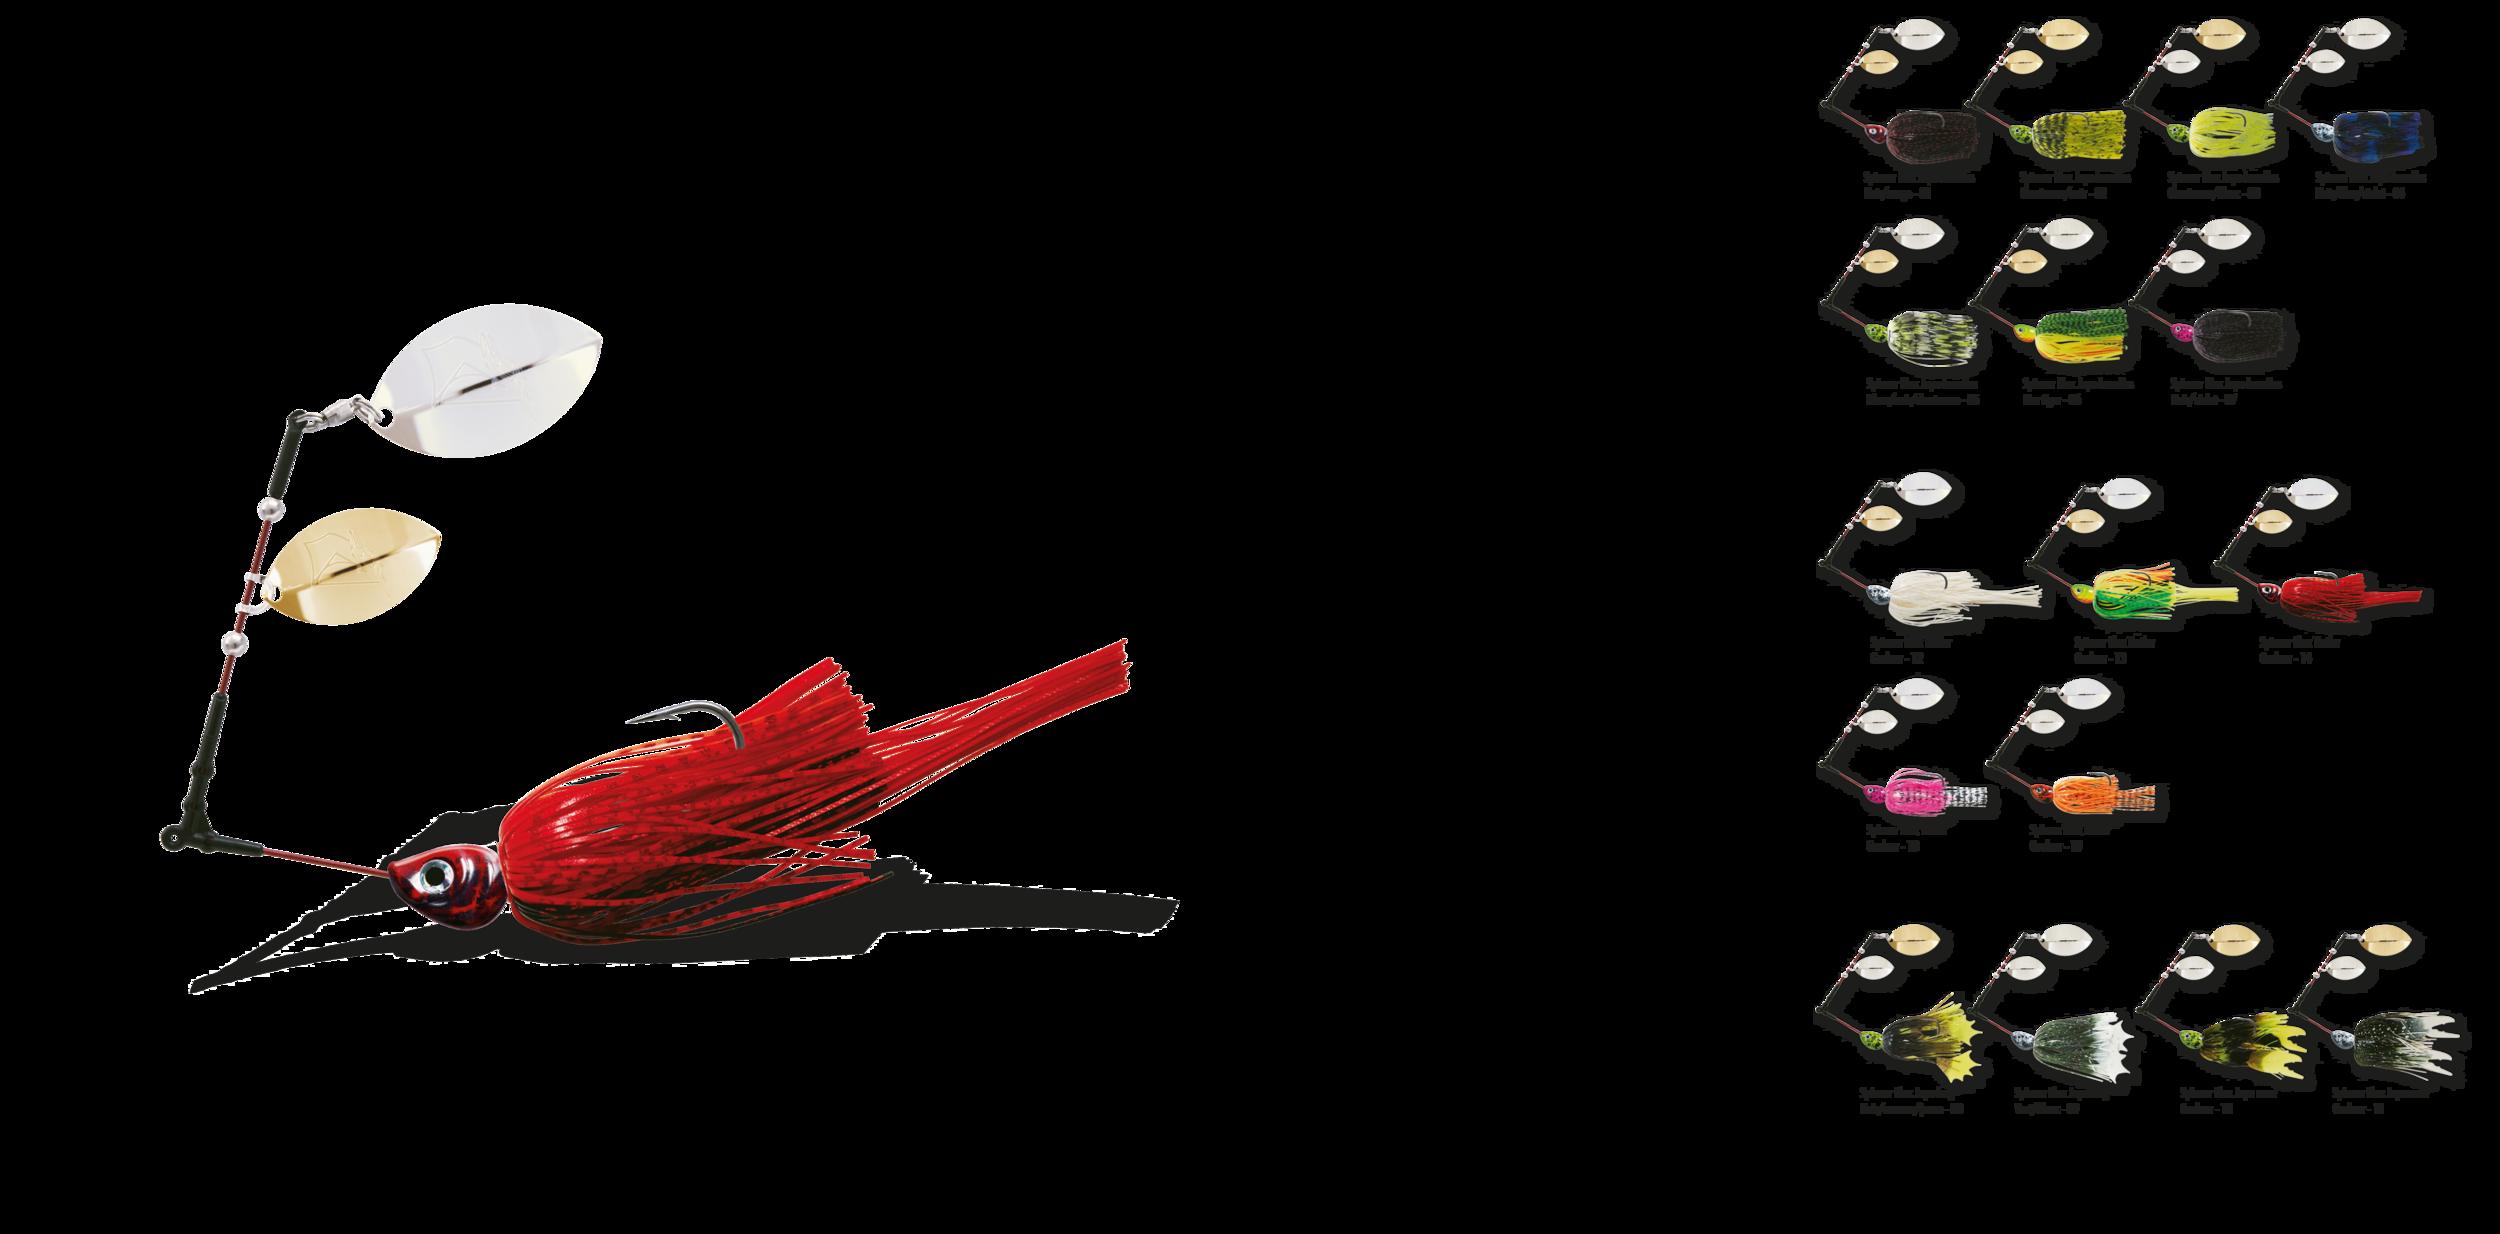 1 DELALANDE SPINNER FLEX V2 10g/14g